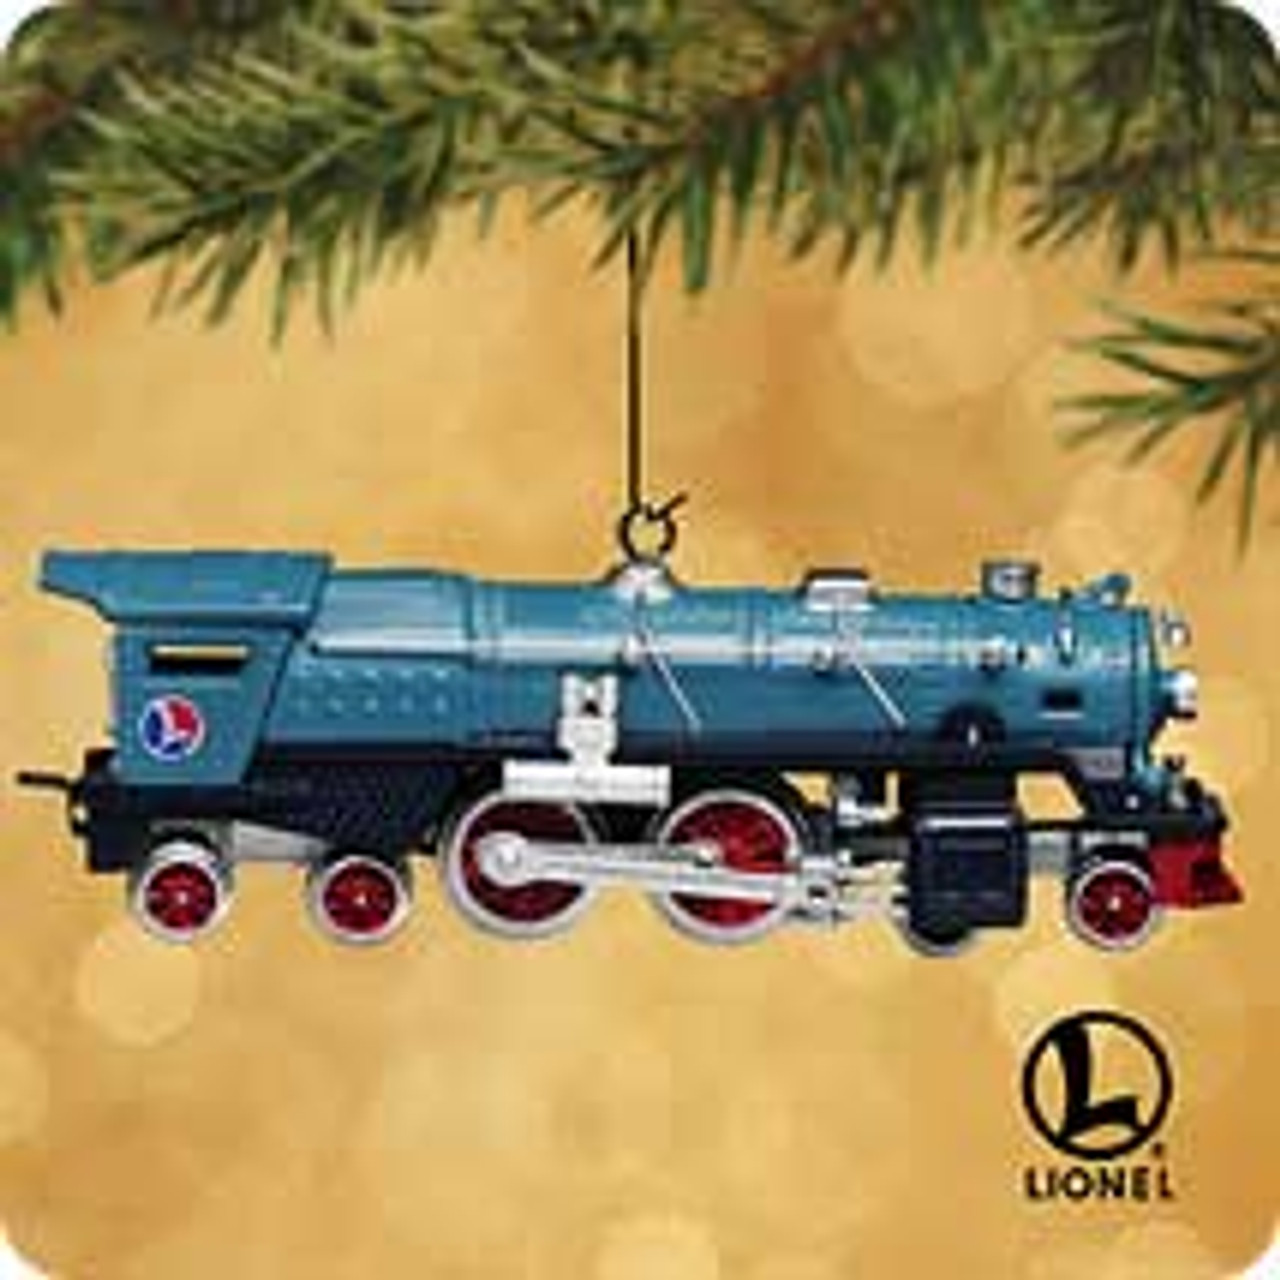 LIONEL Train Series 2002 Locomotive and train car Hallmark Ornaments